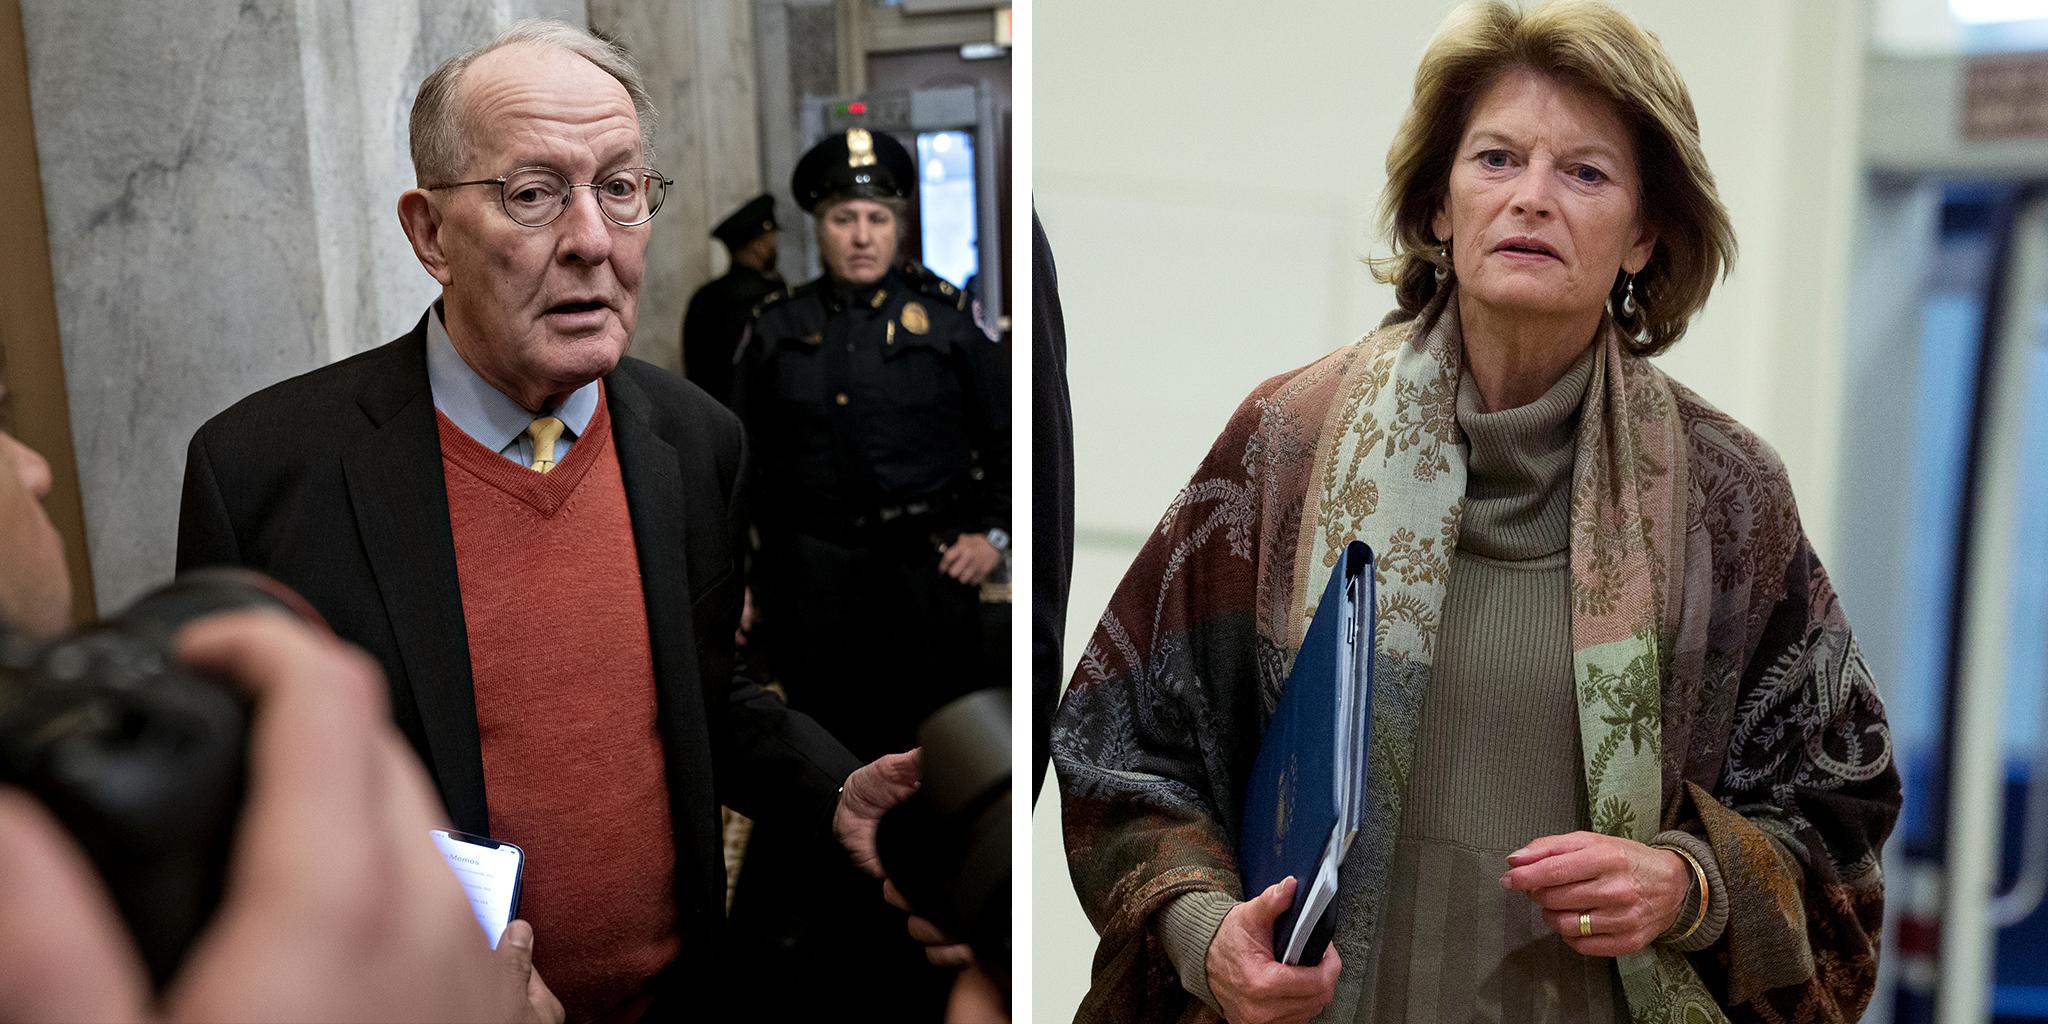 Republican Sen. Lamar Alexander of Tennessee and Sen. Lisa Murkowski, R-Alaska.